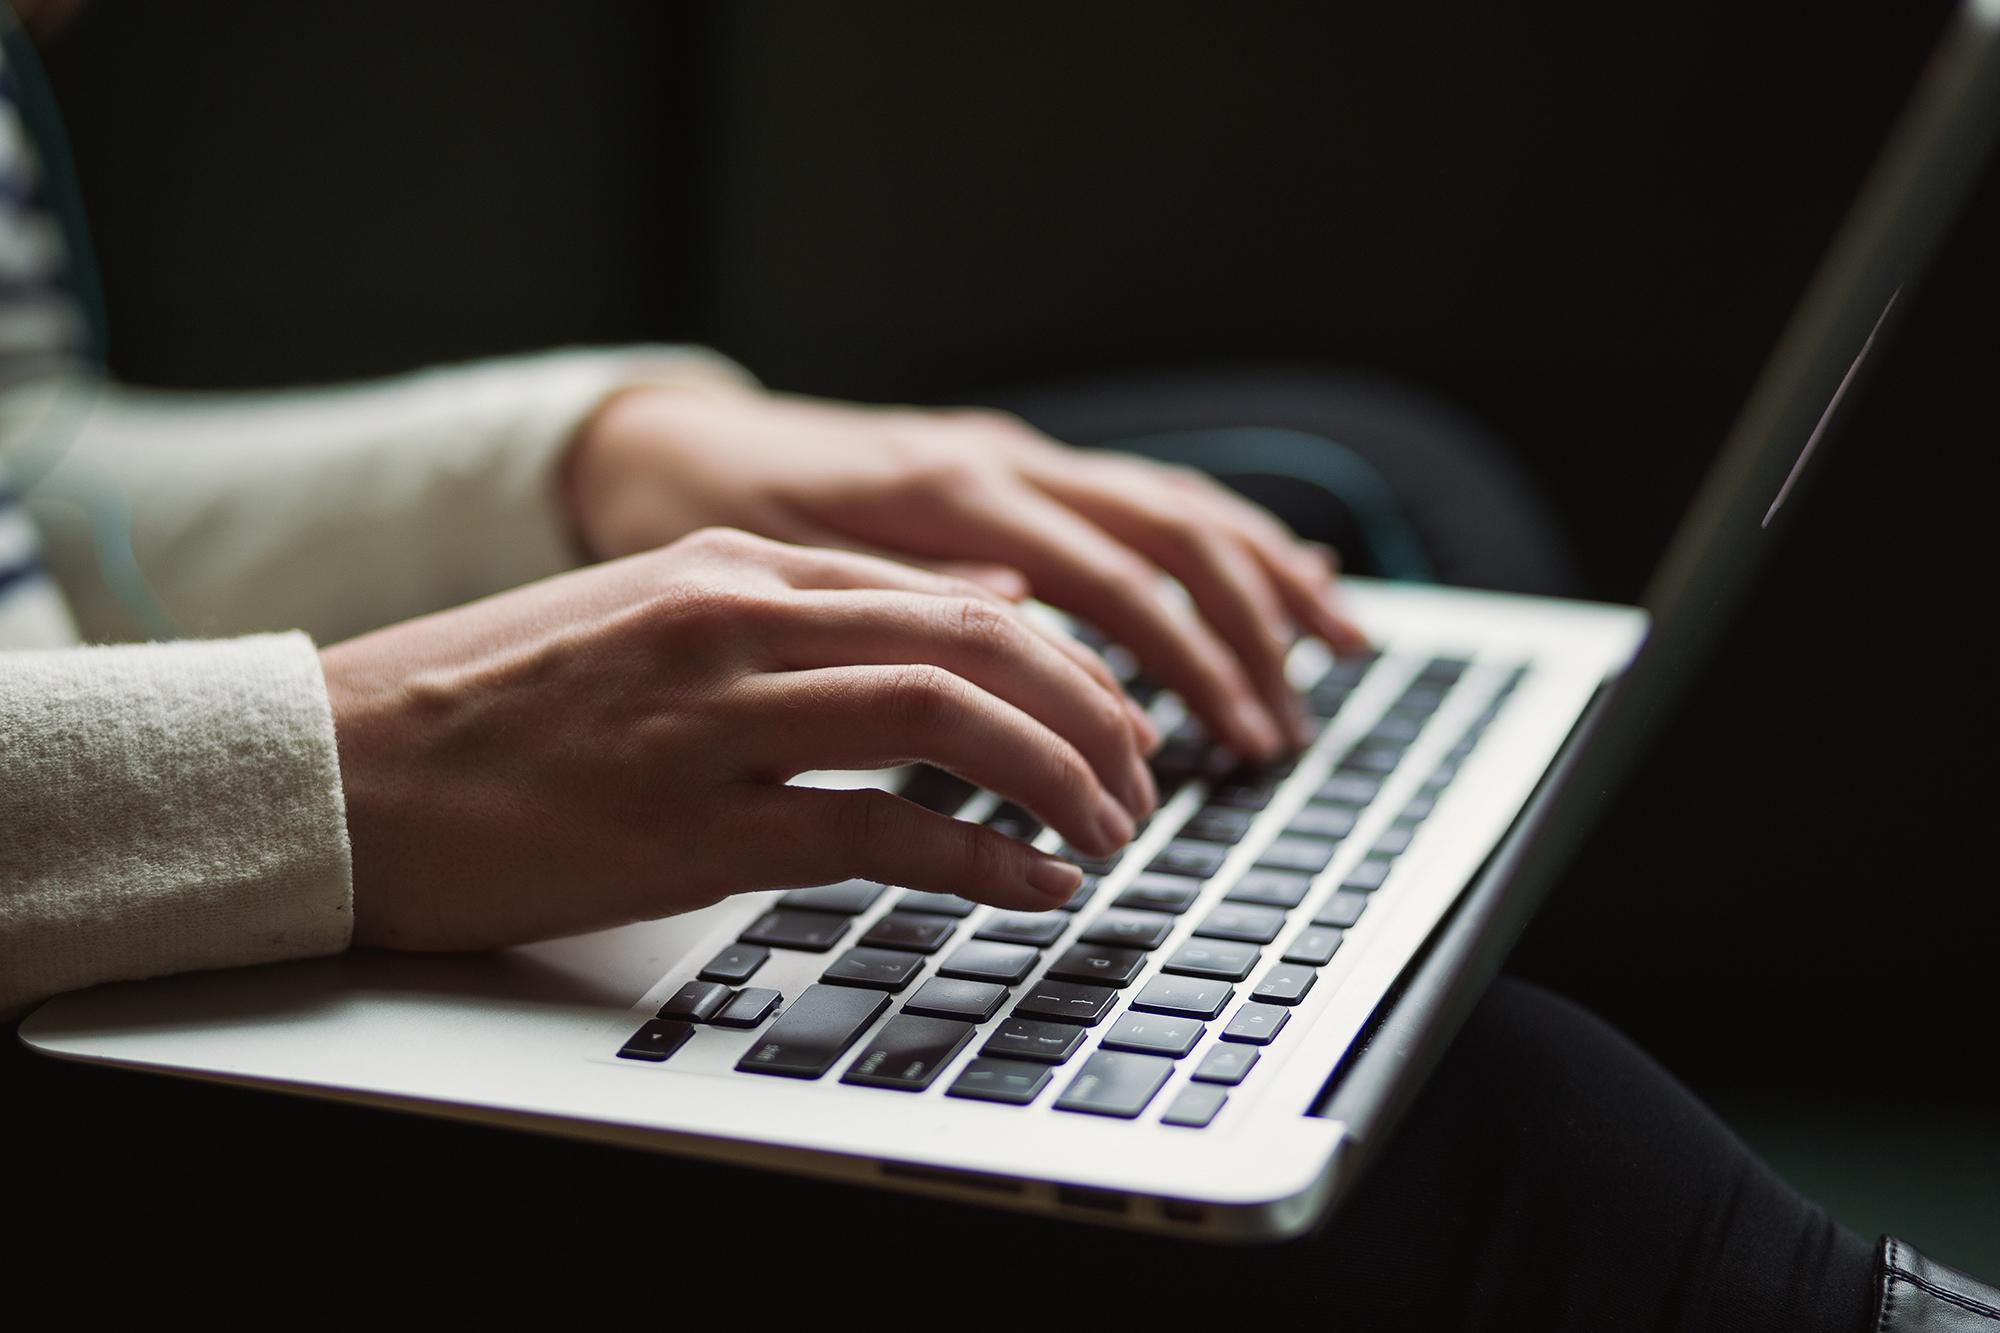 laptop-typing.jpg